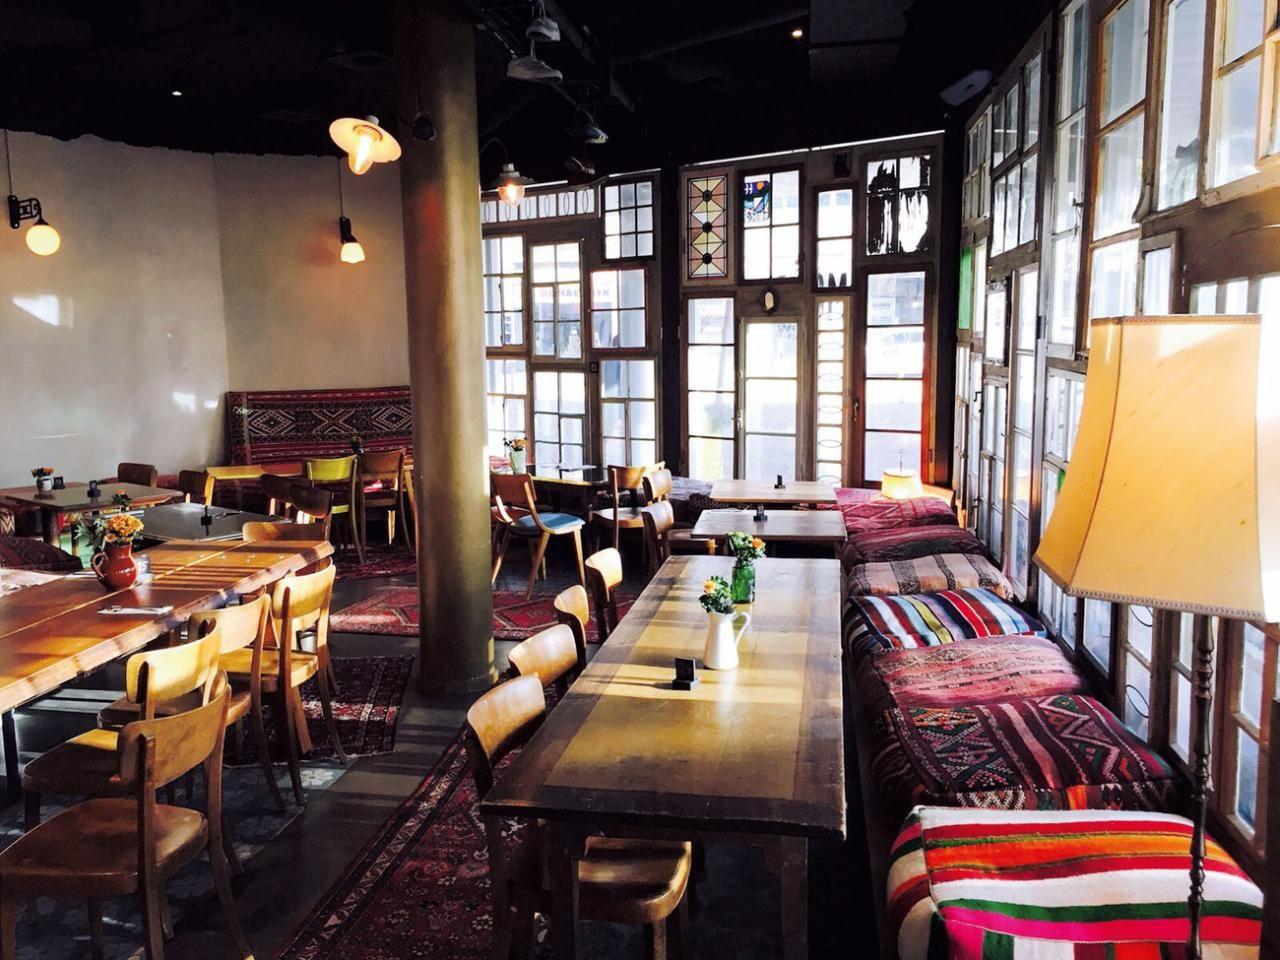 Cafe bebek, 8004 | zürich essen und trinken | Pinterest | Zurich ...